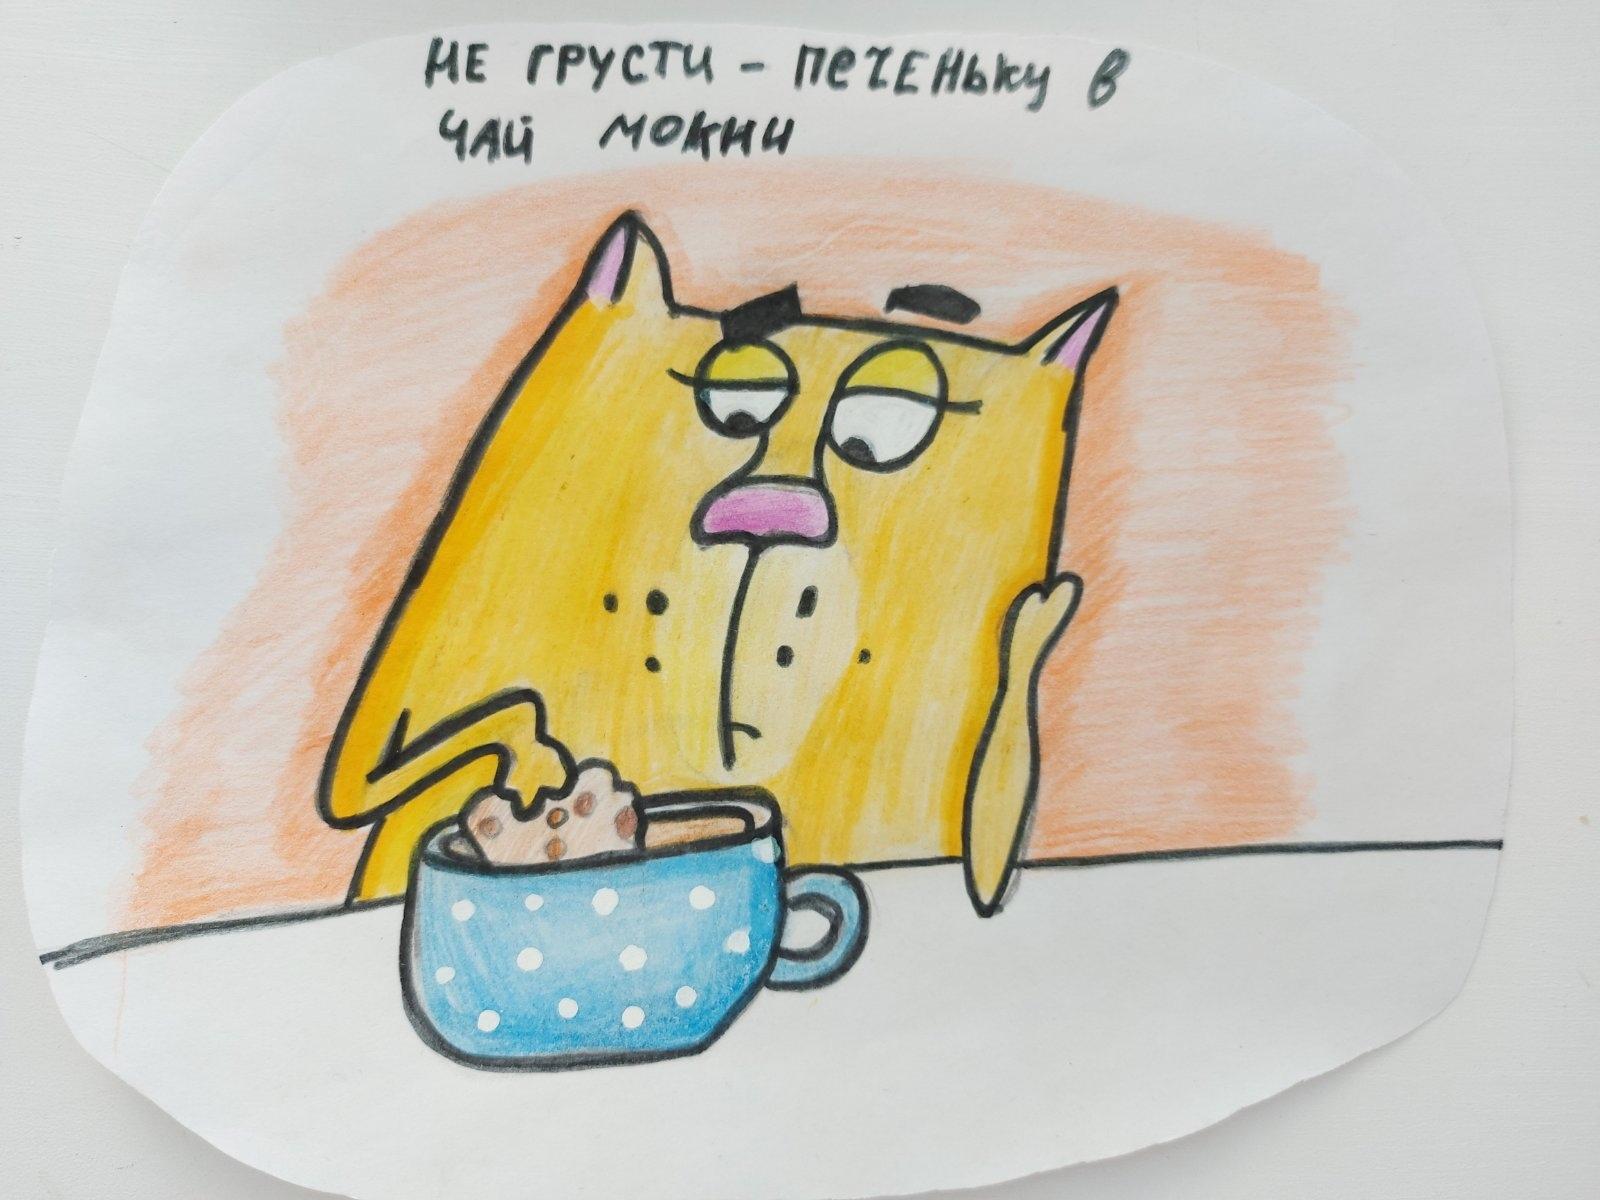 Юные тюменцы нарисовали взрослым пациентам с туберкулезом открытки 4